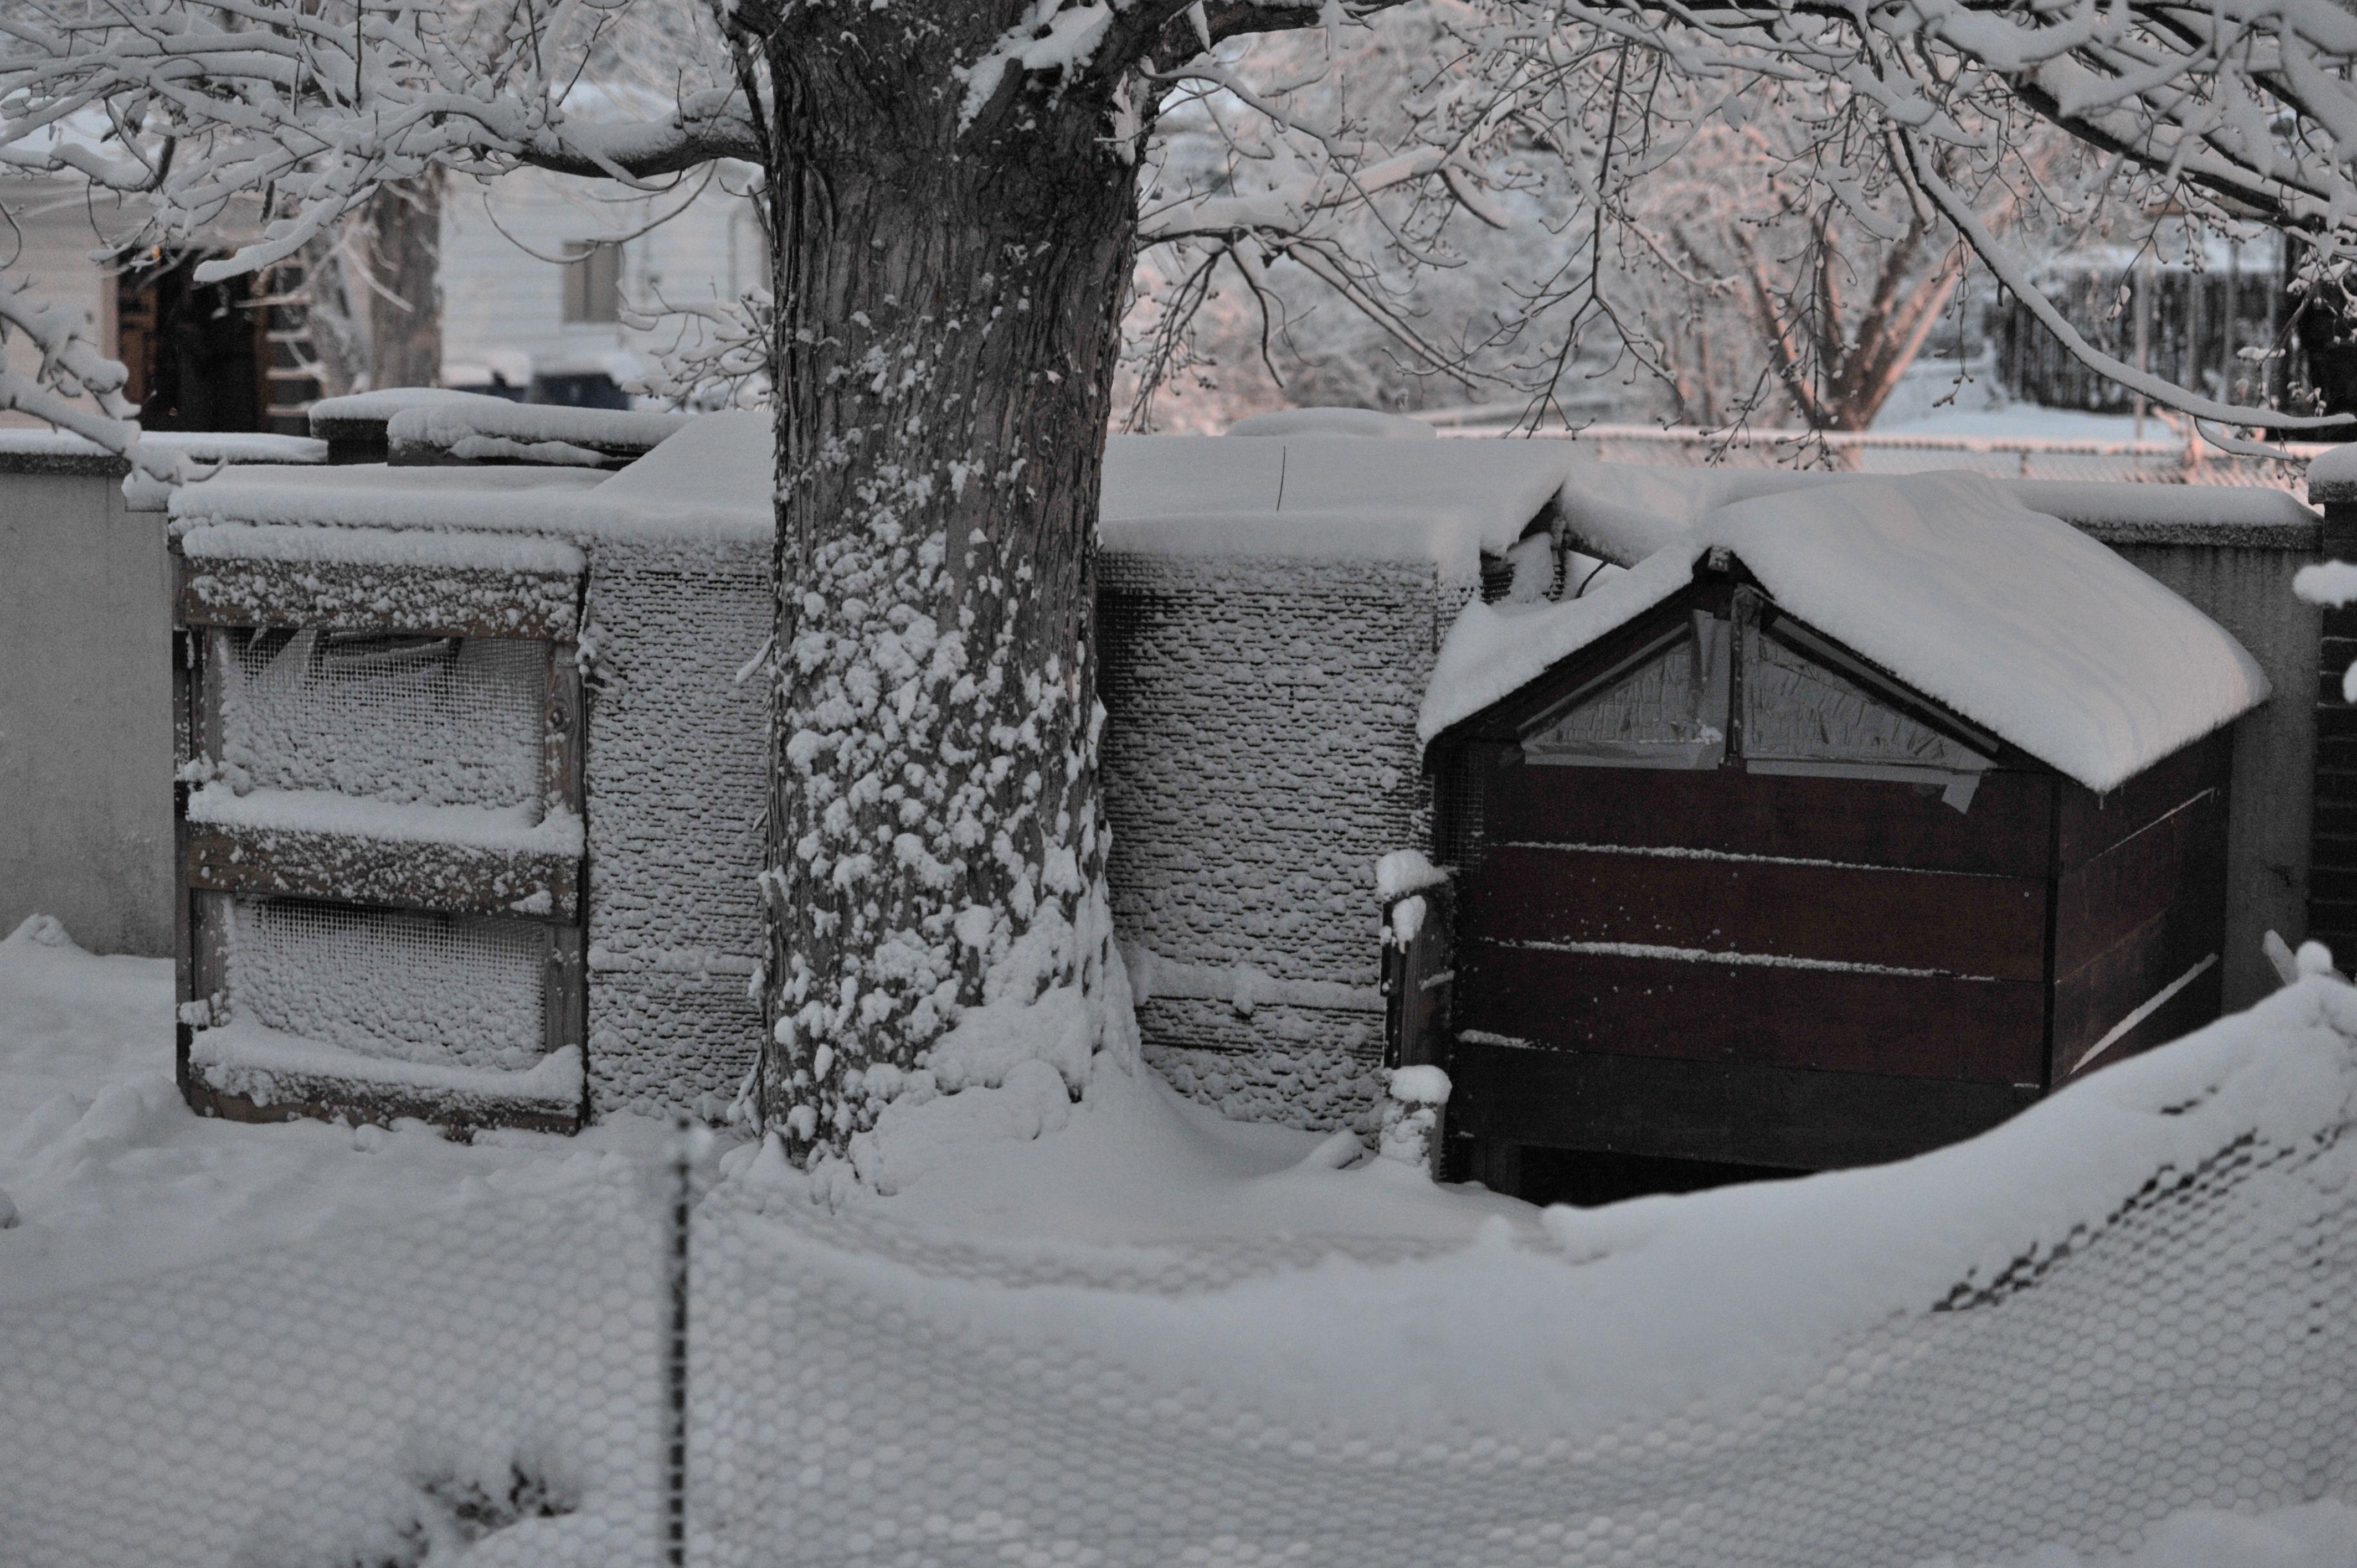 Garden Snow 02